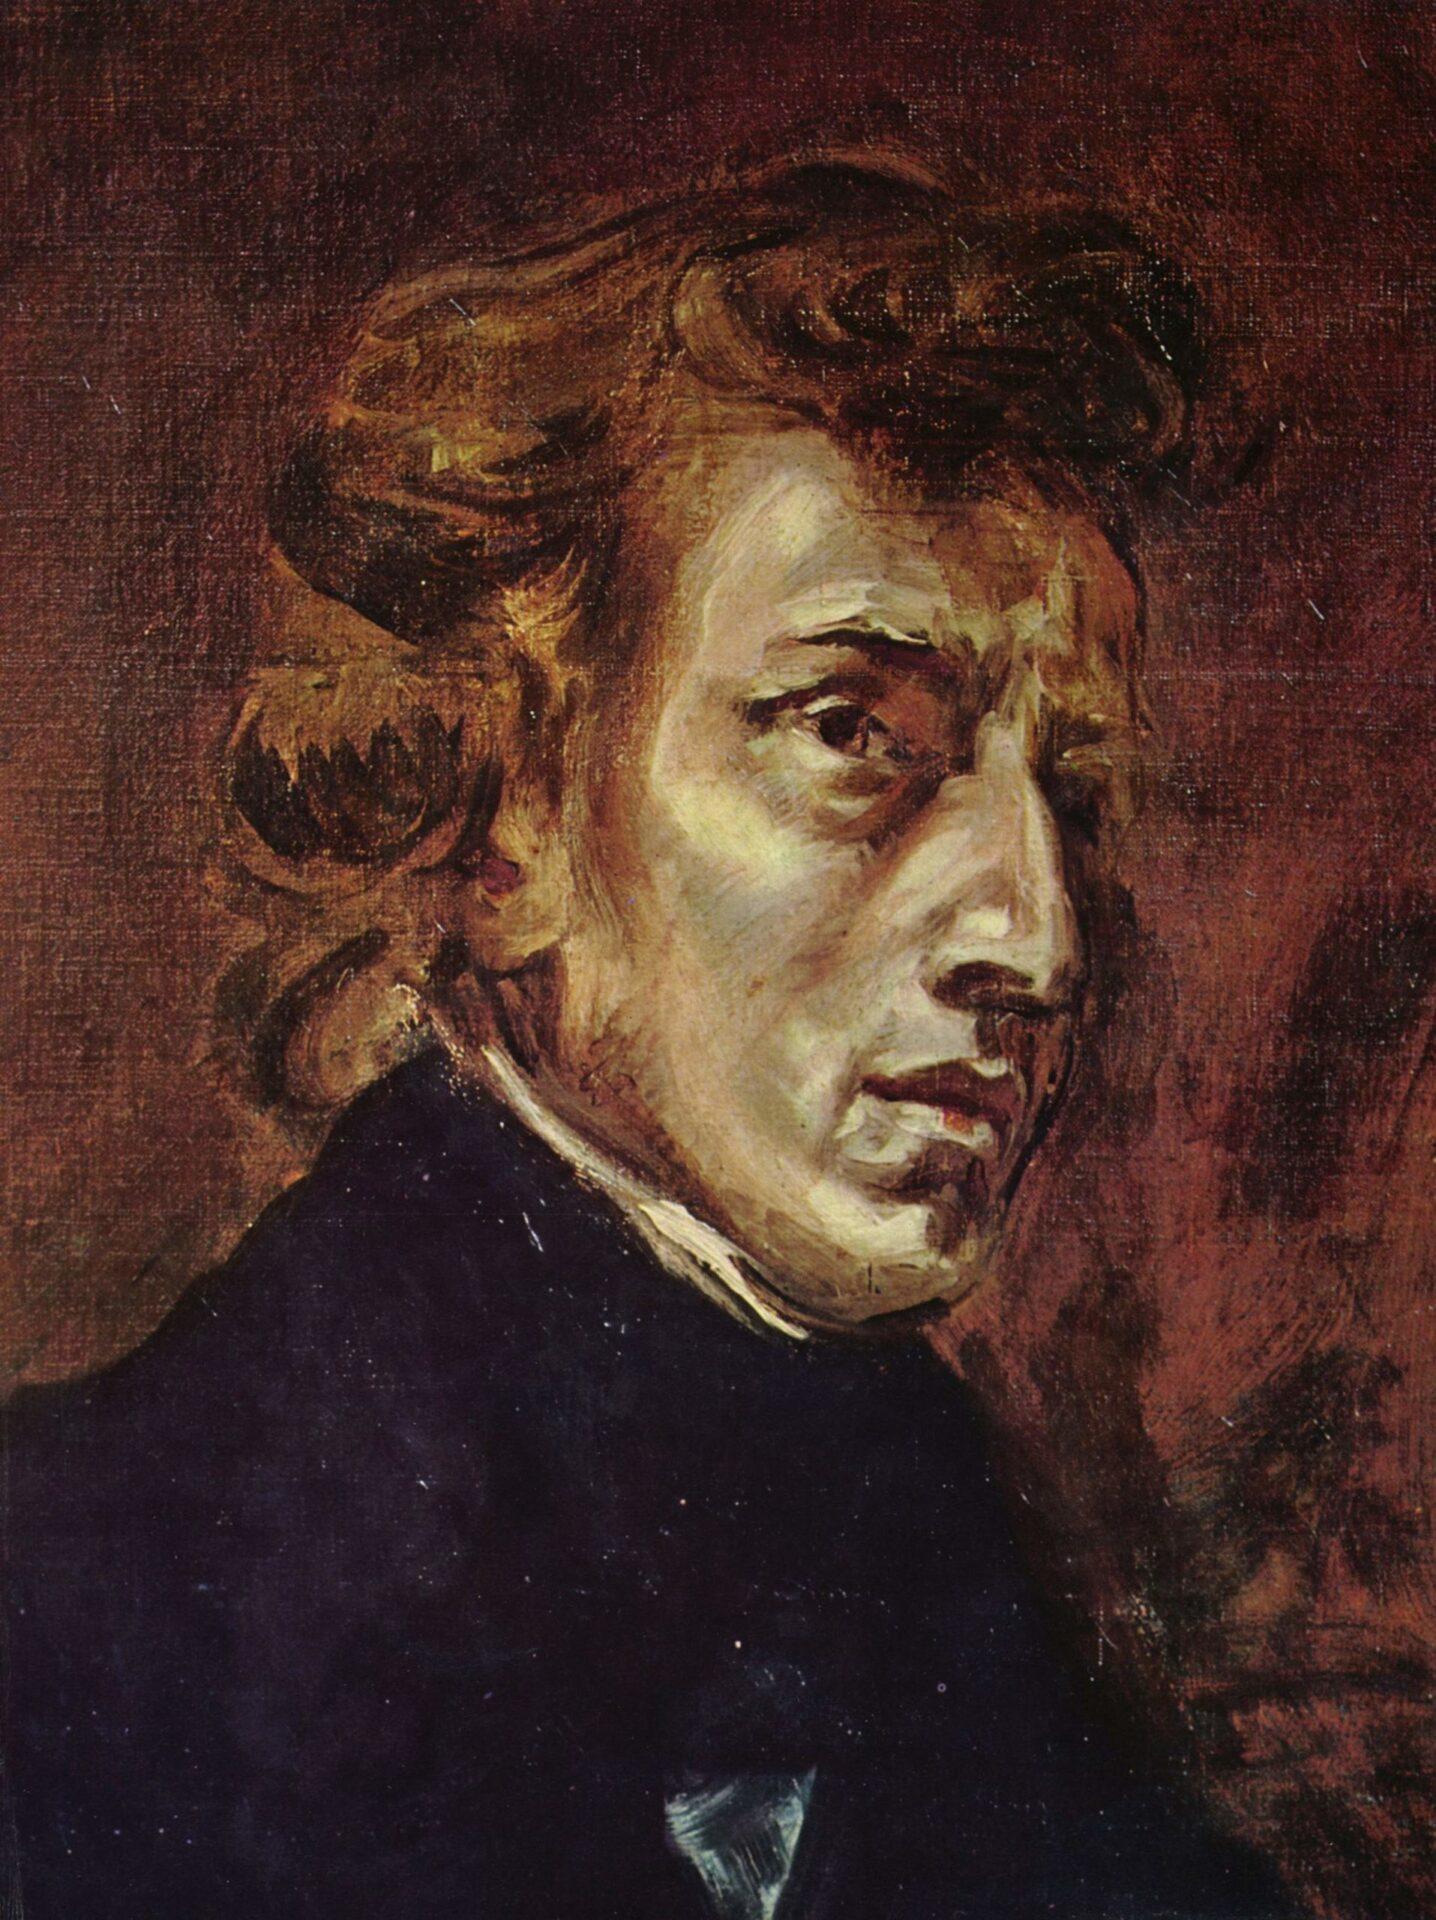 ドラクロワ画 1838年6月に描かれたときははジョルジュ・サンドと二人で一枚に書かれた絵だったが,1889年に絵の持ち主によって二枚に分割され,ショパンの部分はルーヴル美術館に,サンドの部分はデンマーク王立美術館に所蔵されている。